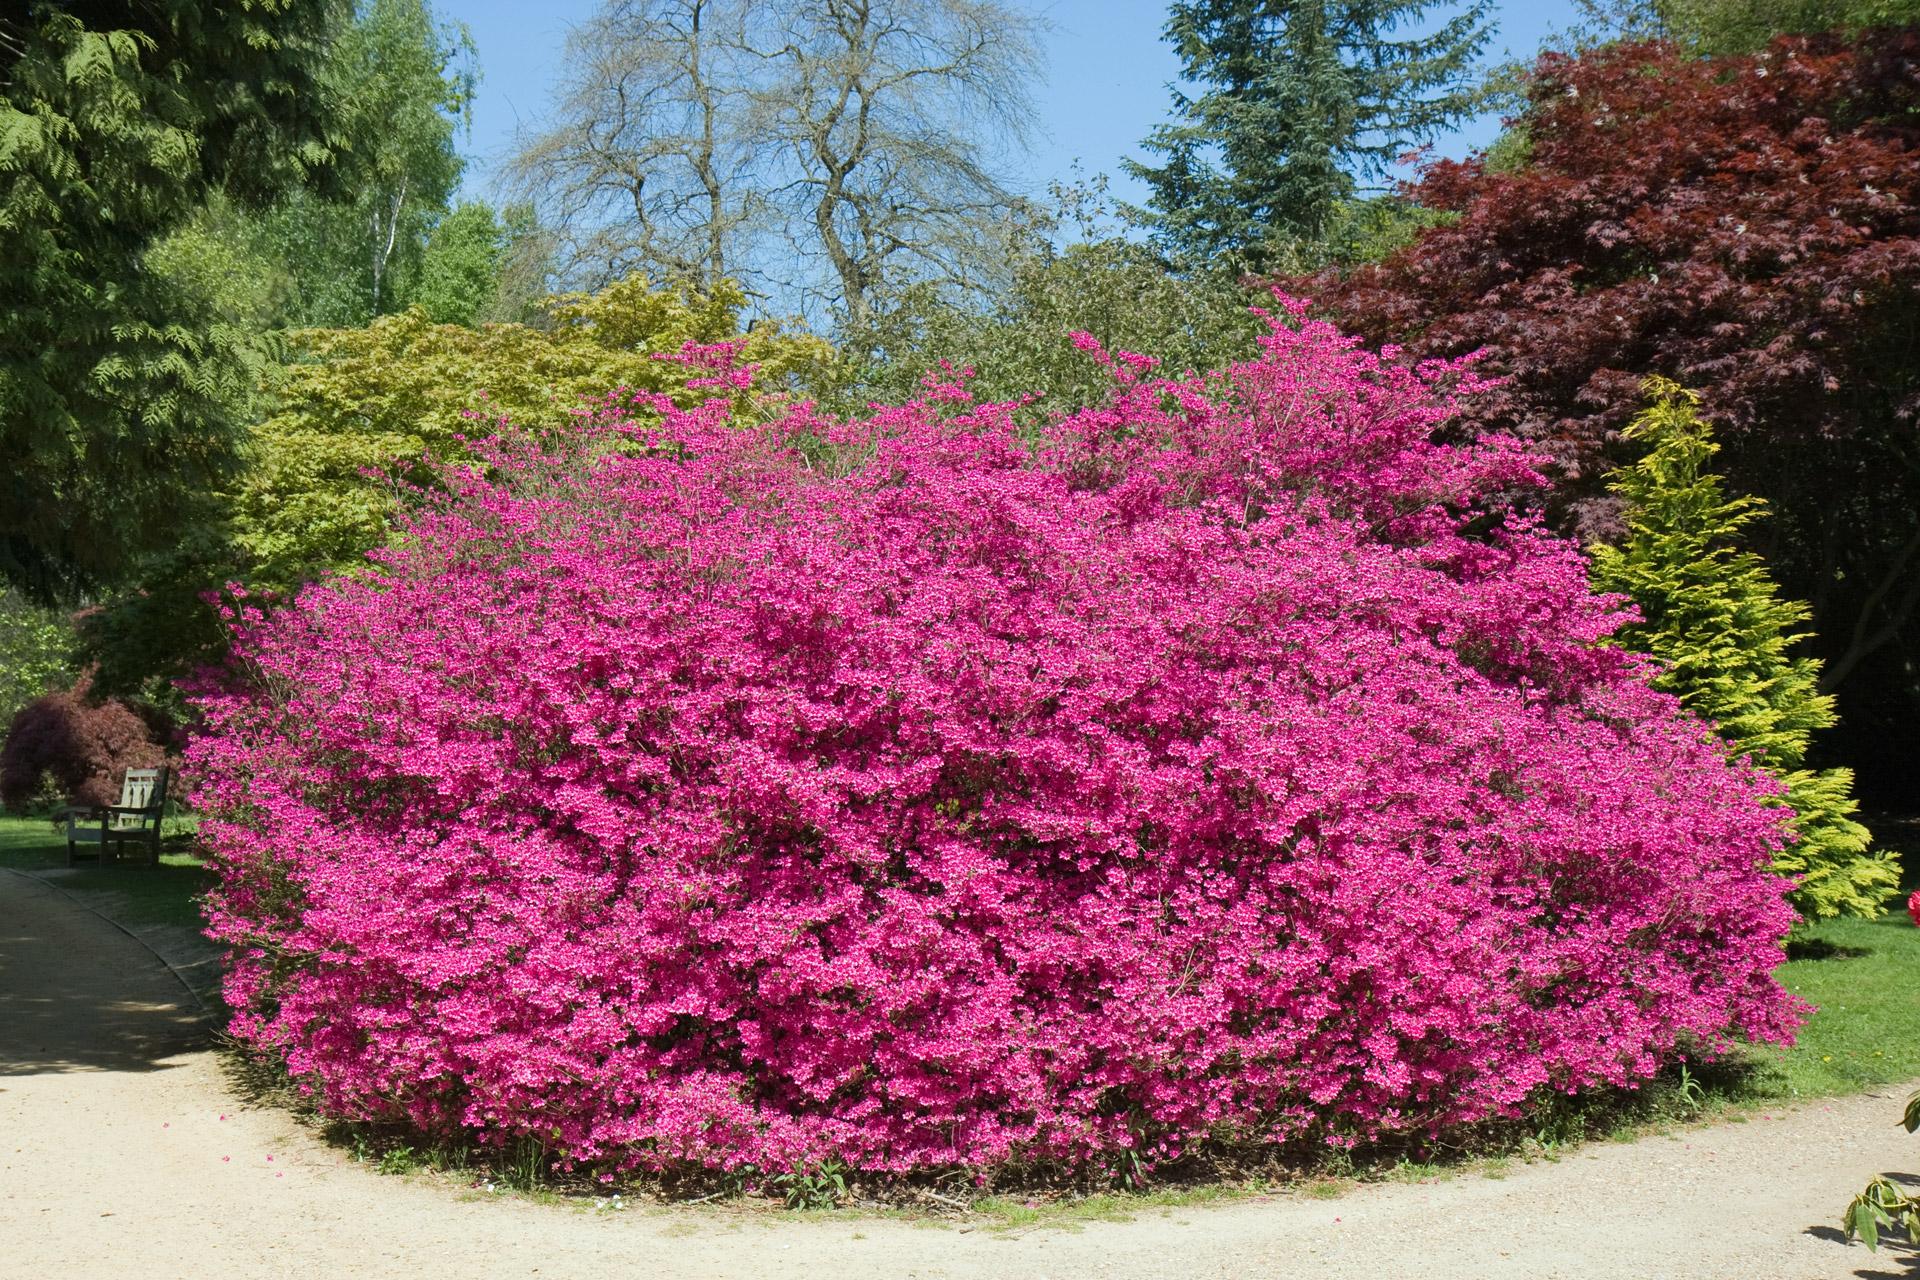 Pinkbushfloweringflowersshrub Free Photo From Needpix